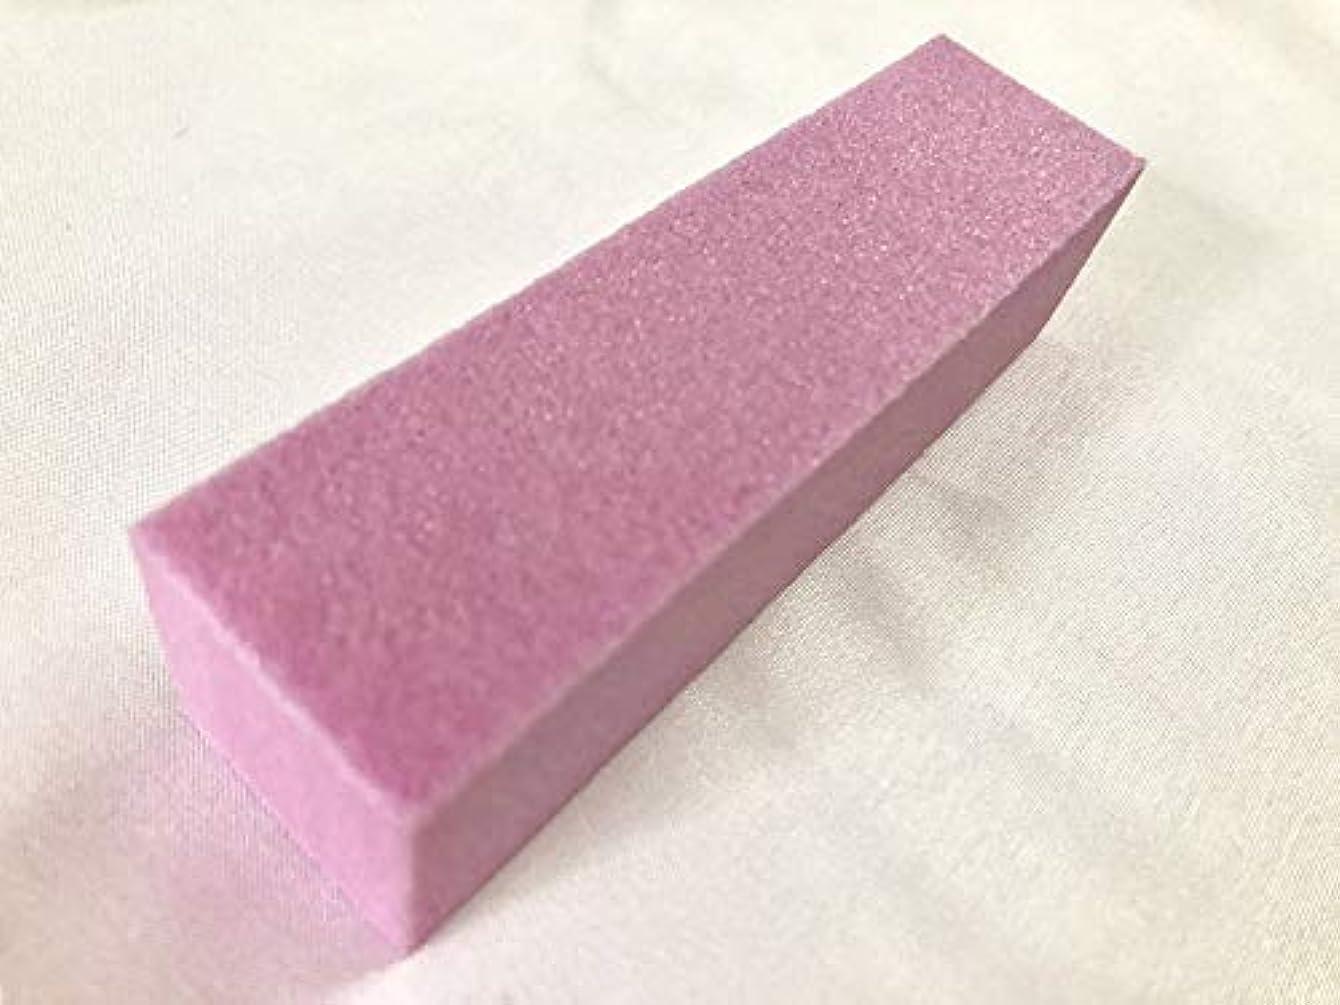 目指す赤道羨望スポンジ ネイル ファイル 4本セット マニュキュア ネイル ジェルネイル カラフルなスポンジやすりです 使用用途: ネイルファイル 角質とり 刃物のやすり